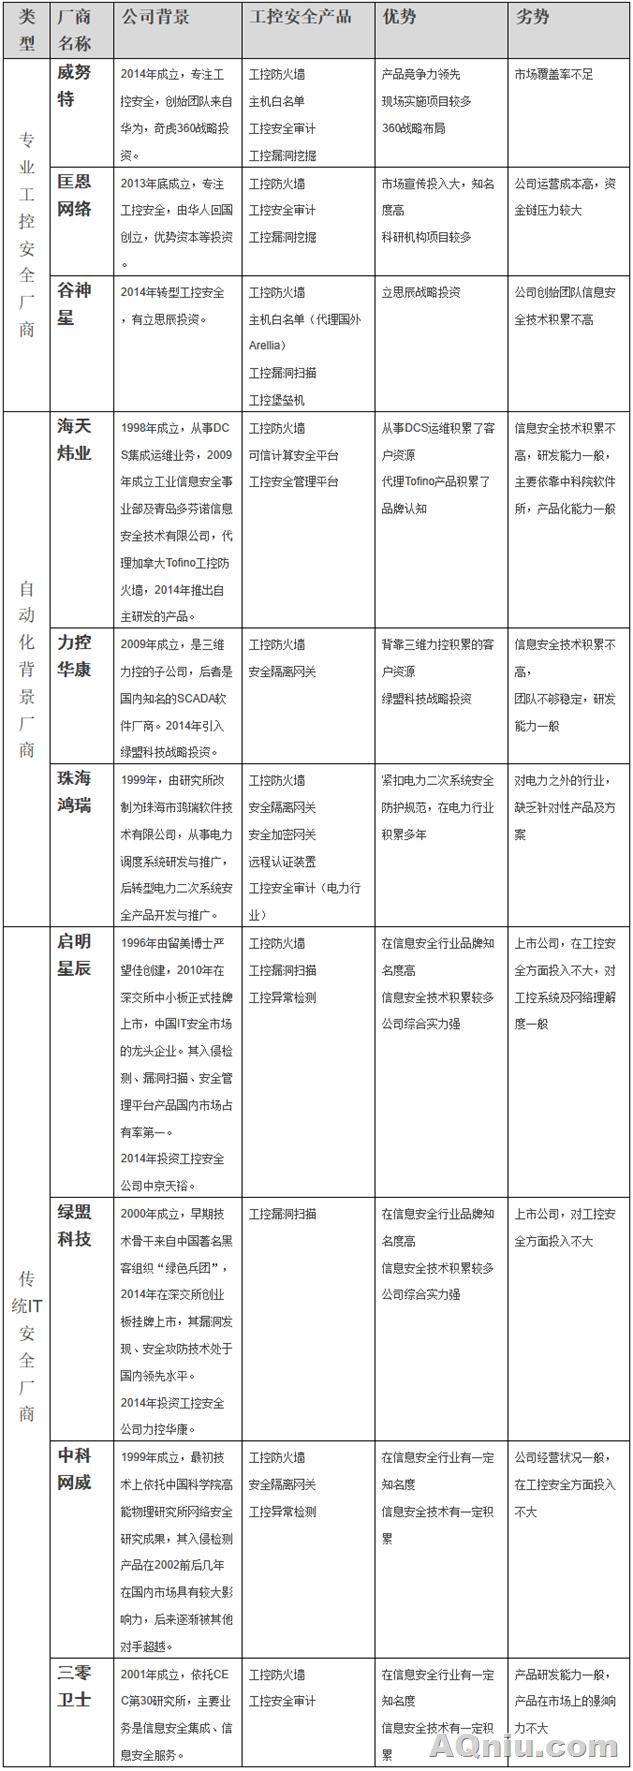 中国工控安全厂商调查分析